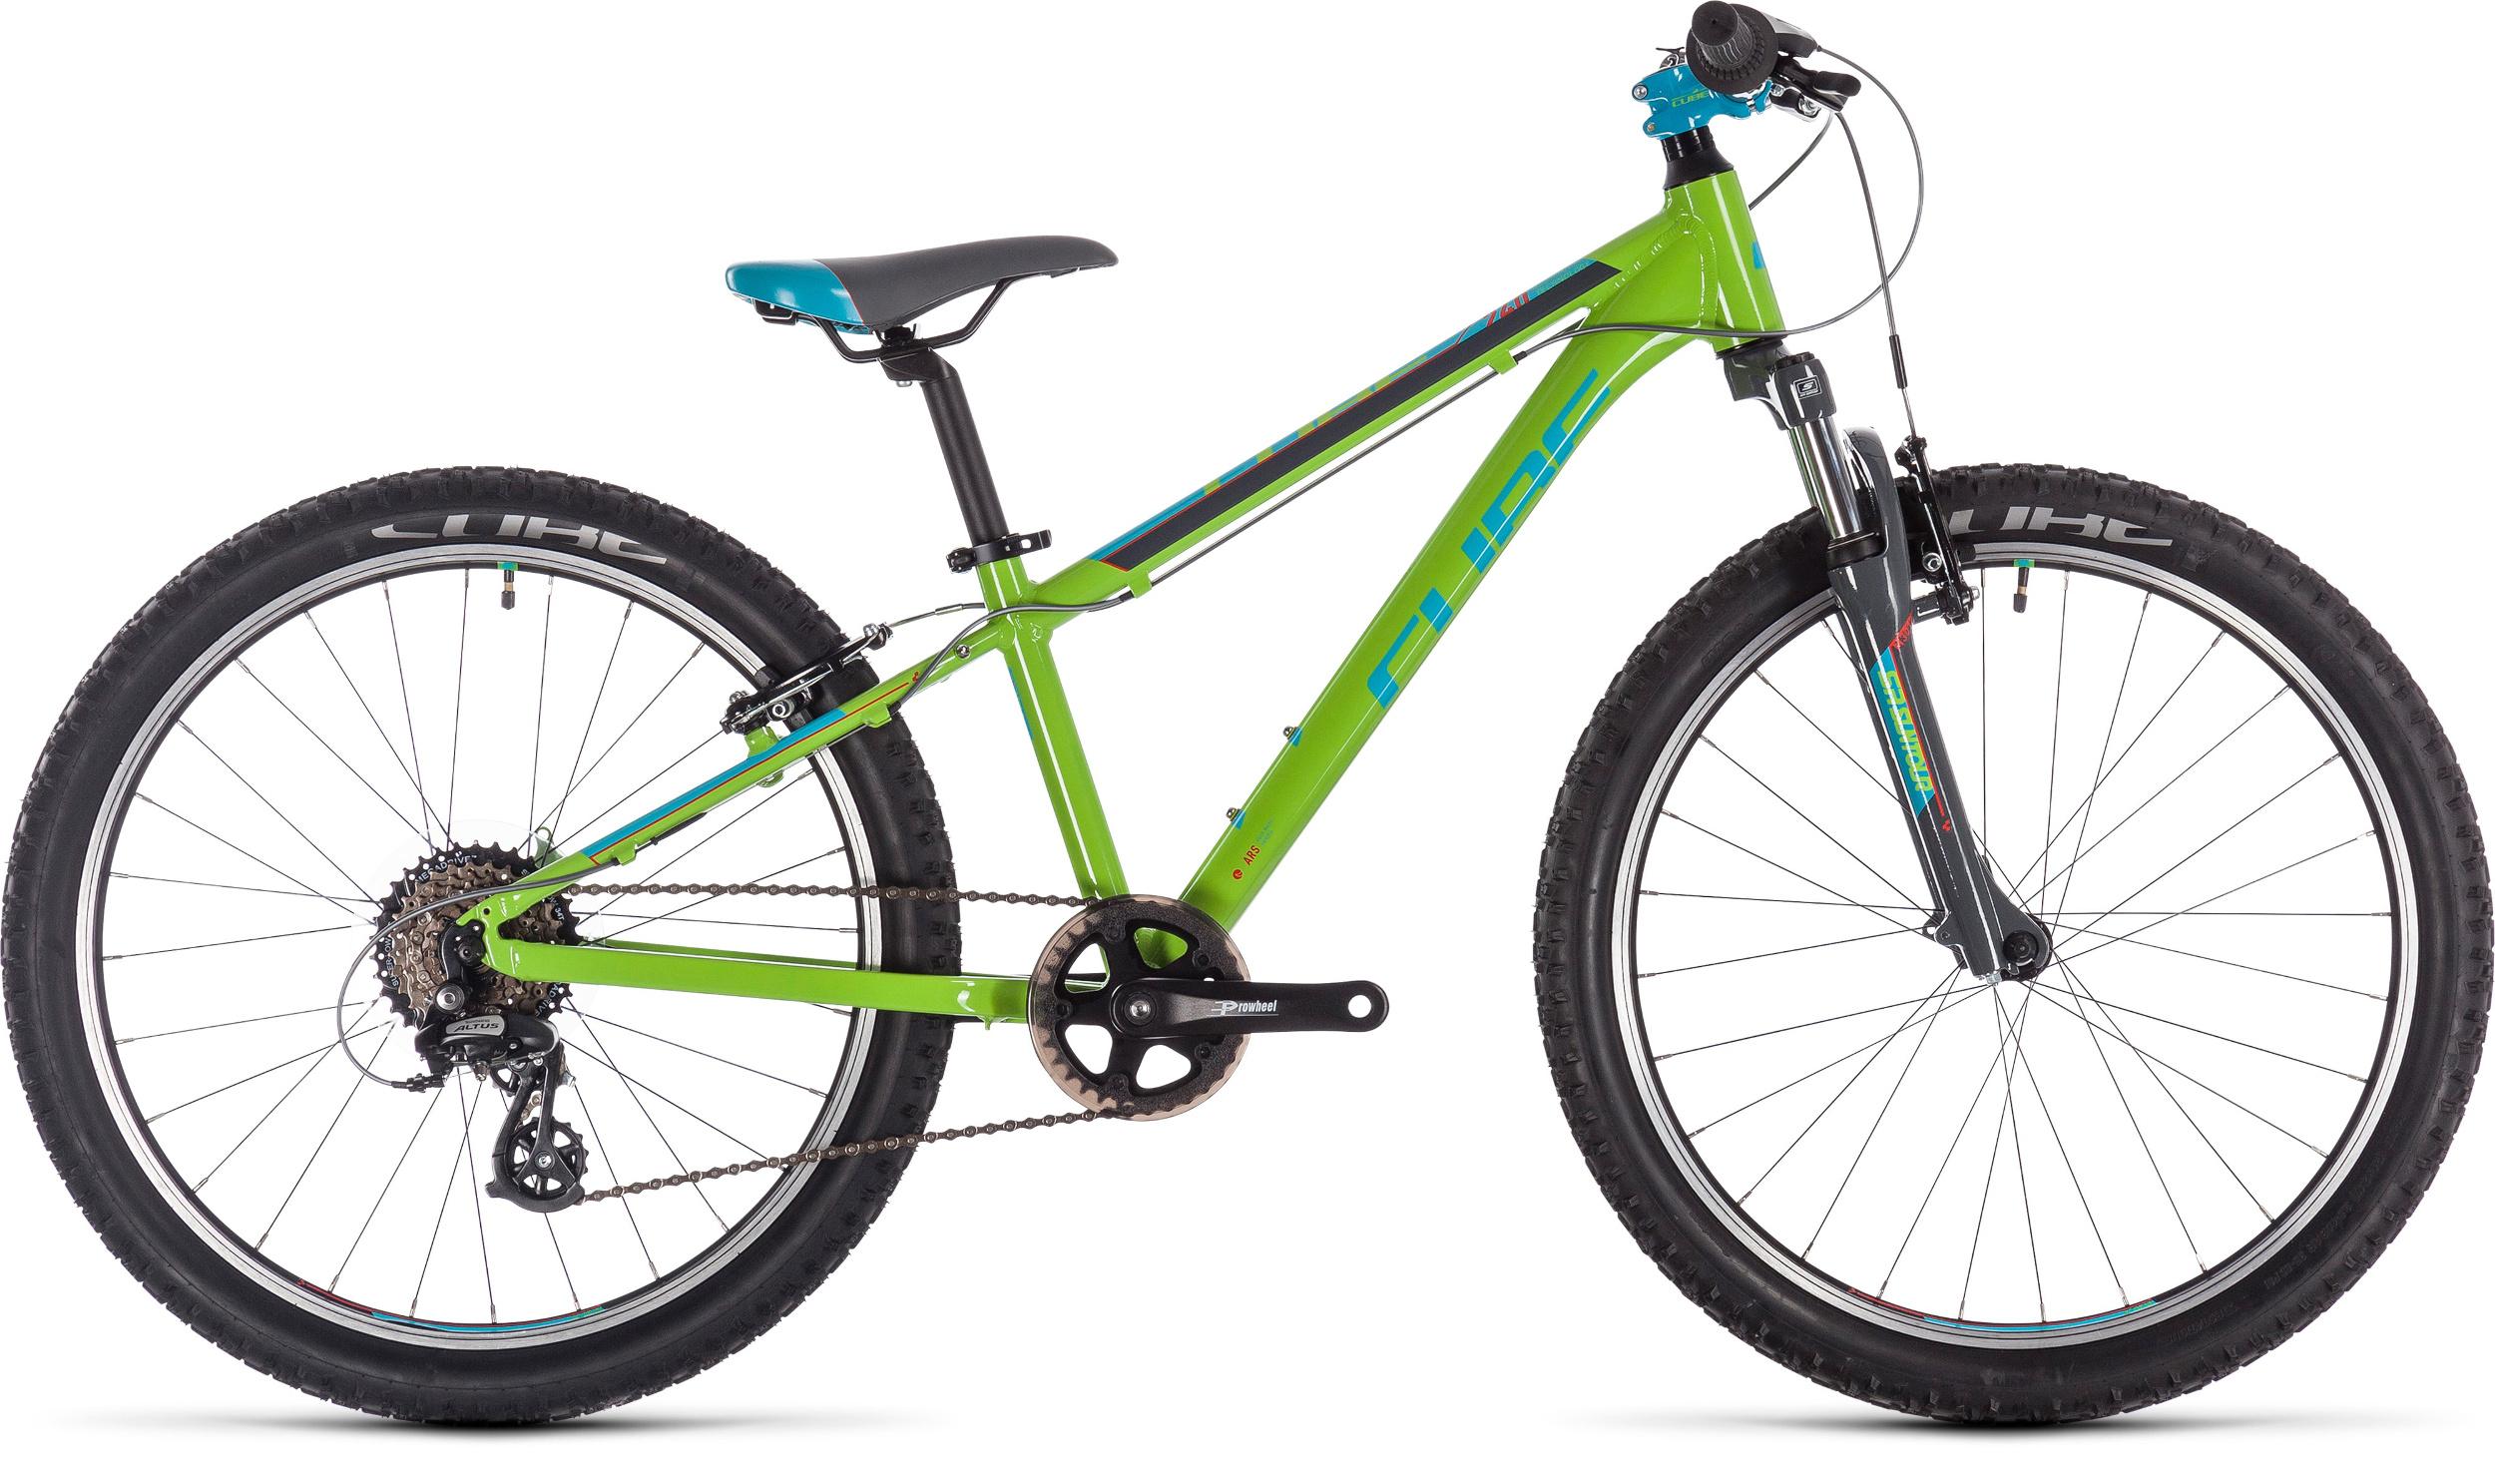 Cube Acid 240 24in Wheel Kids Bike Green/Blue/Grey